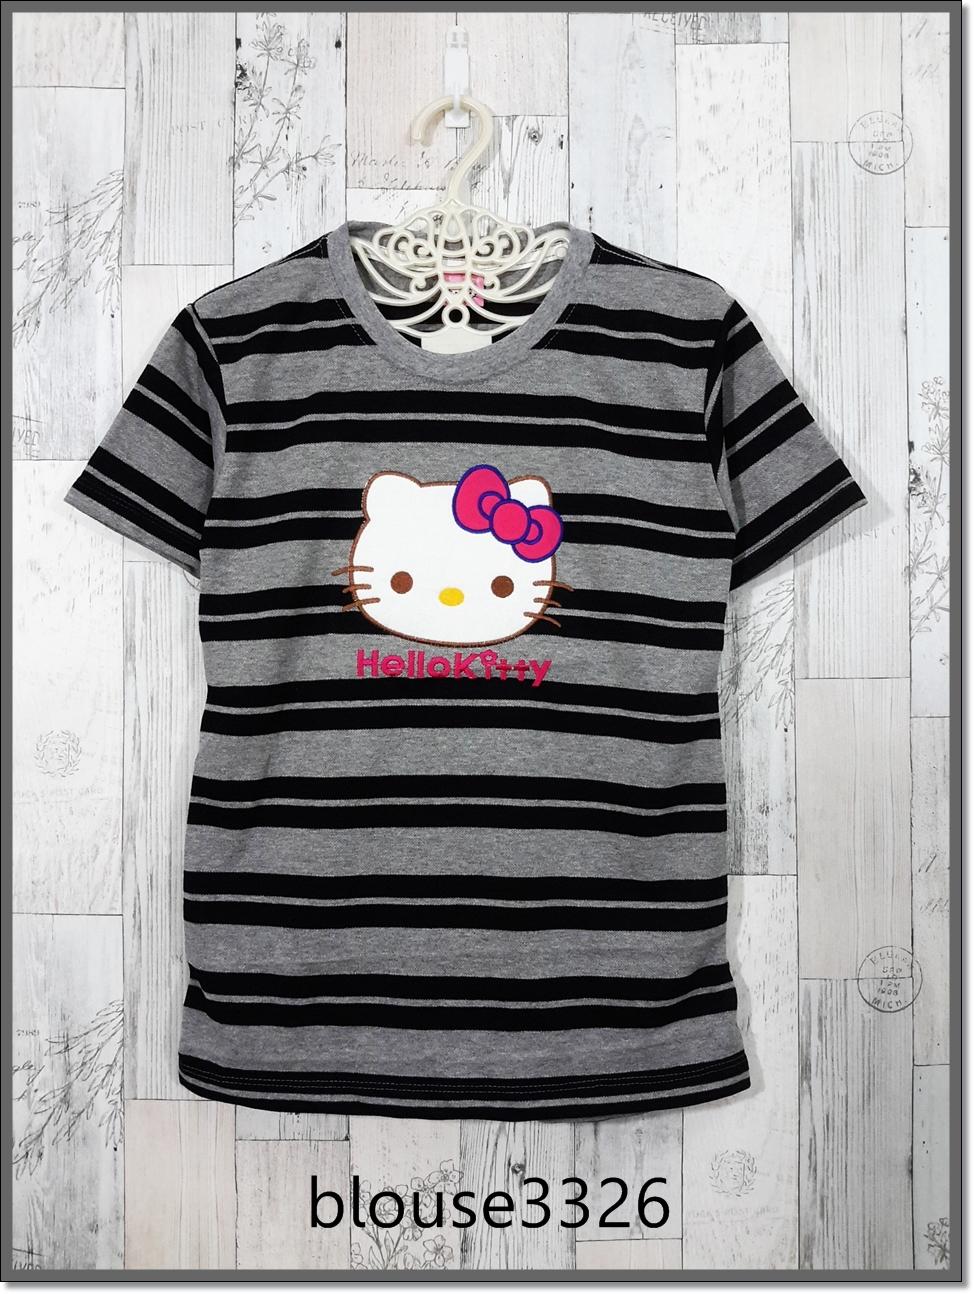 blouse3326 เสื้อยืดแฟชั่น แต่งหน้าคิตตี้ ผ้าโปโลยืดเนื้อนิ่มลายริ้วเล็ก-ใหญ่ สีเทาดำ